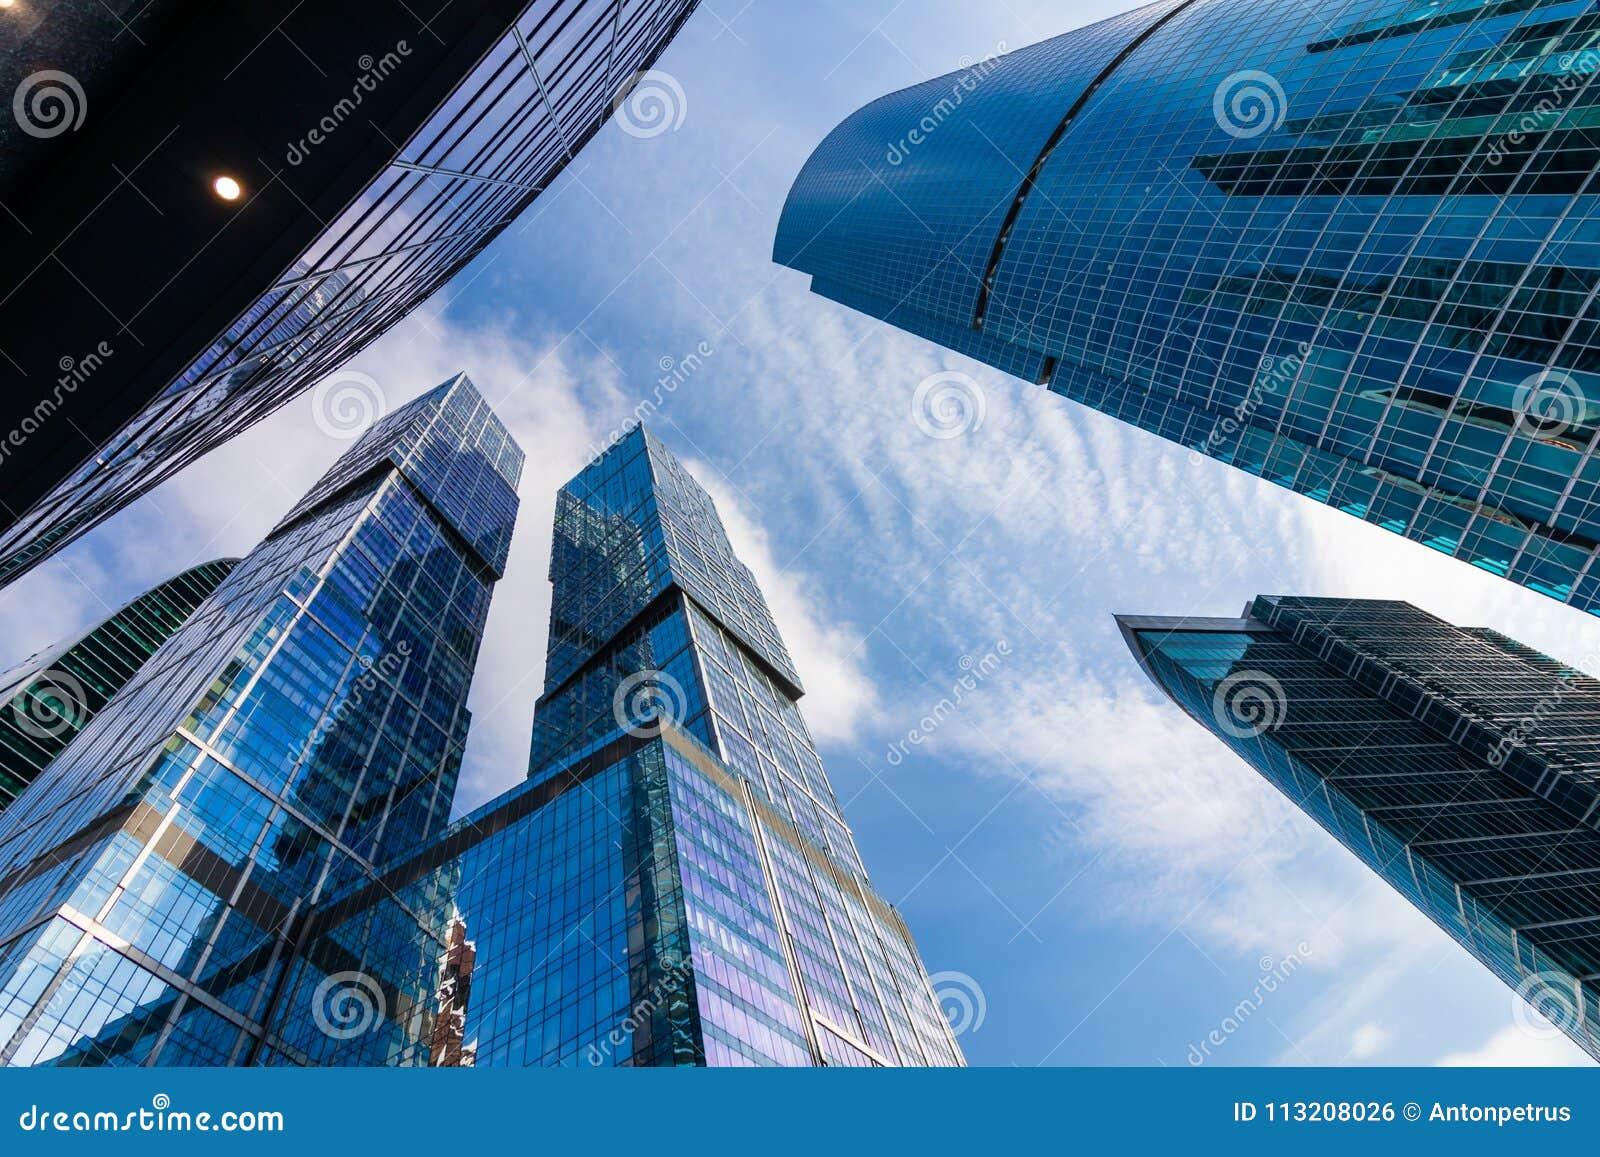 莫斯科市-摩天大楼莫斯科国际商业中心看法